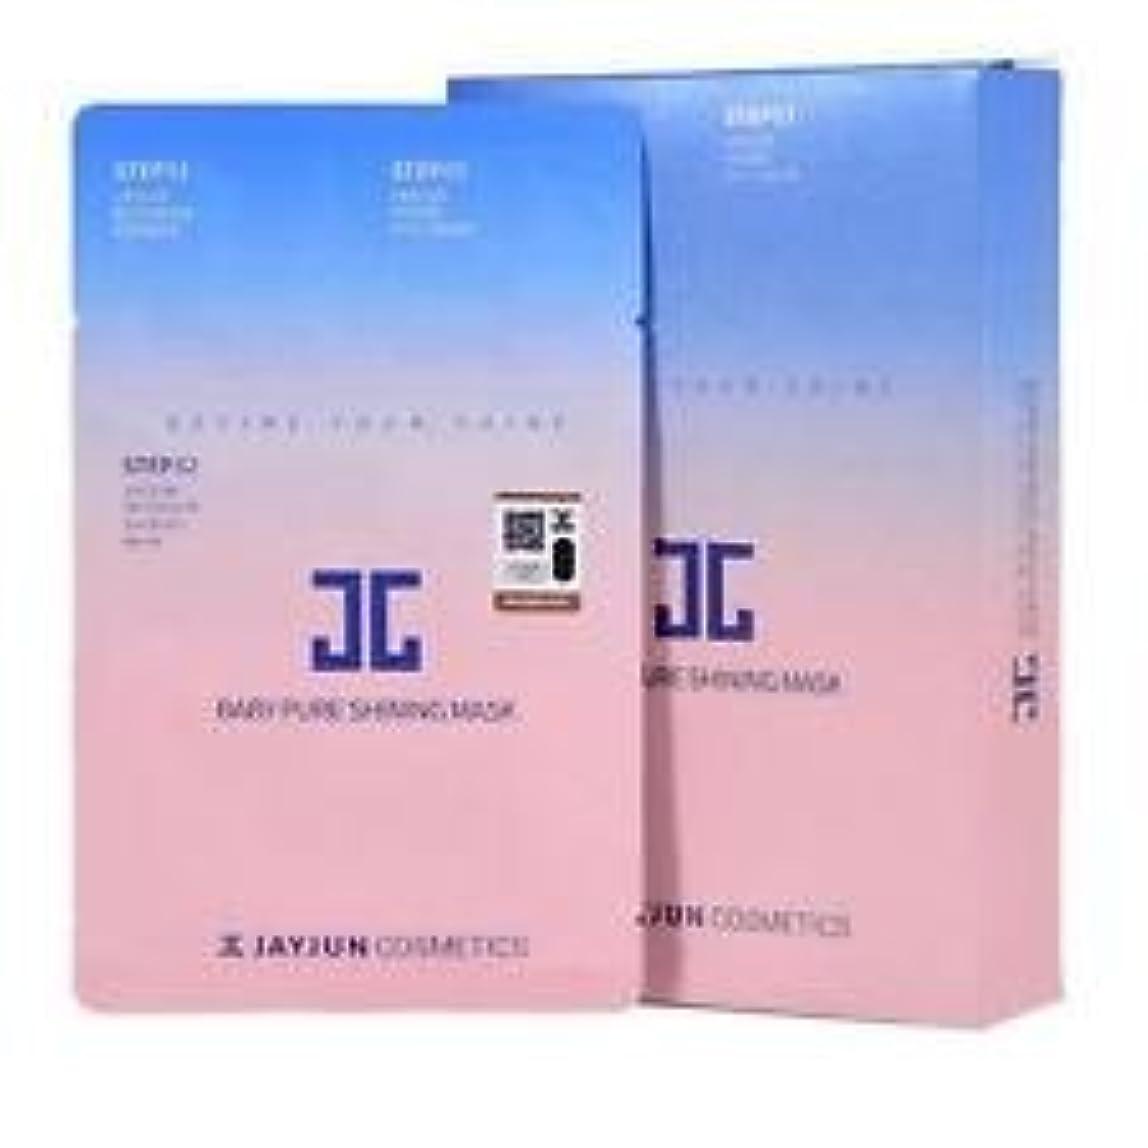 ポインタ救急車大統領JAYJUN Baby Pure Shining Mask Pack 10Sheetジェジュンベビーピュアシャイニングマスクパック10枚 [並行輸入品]